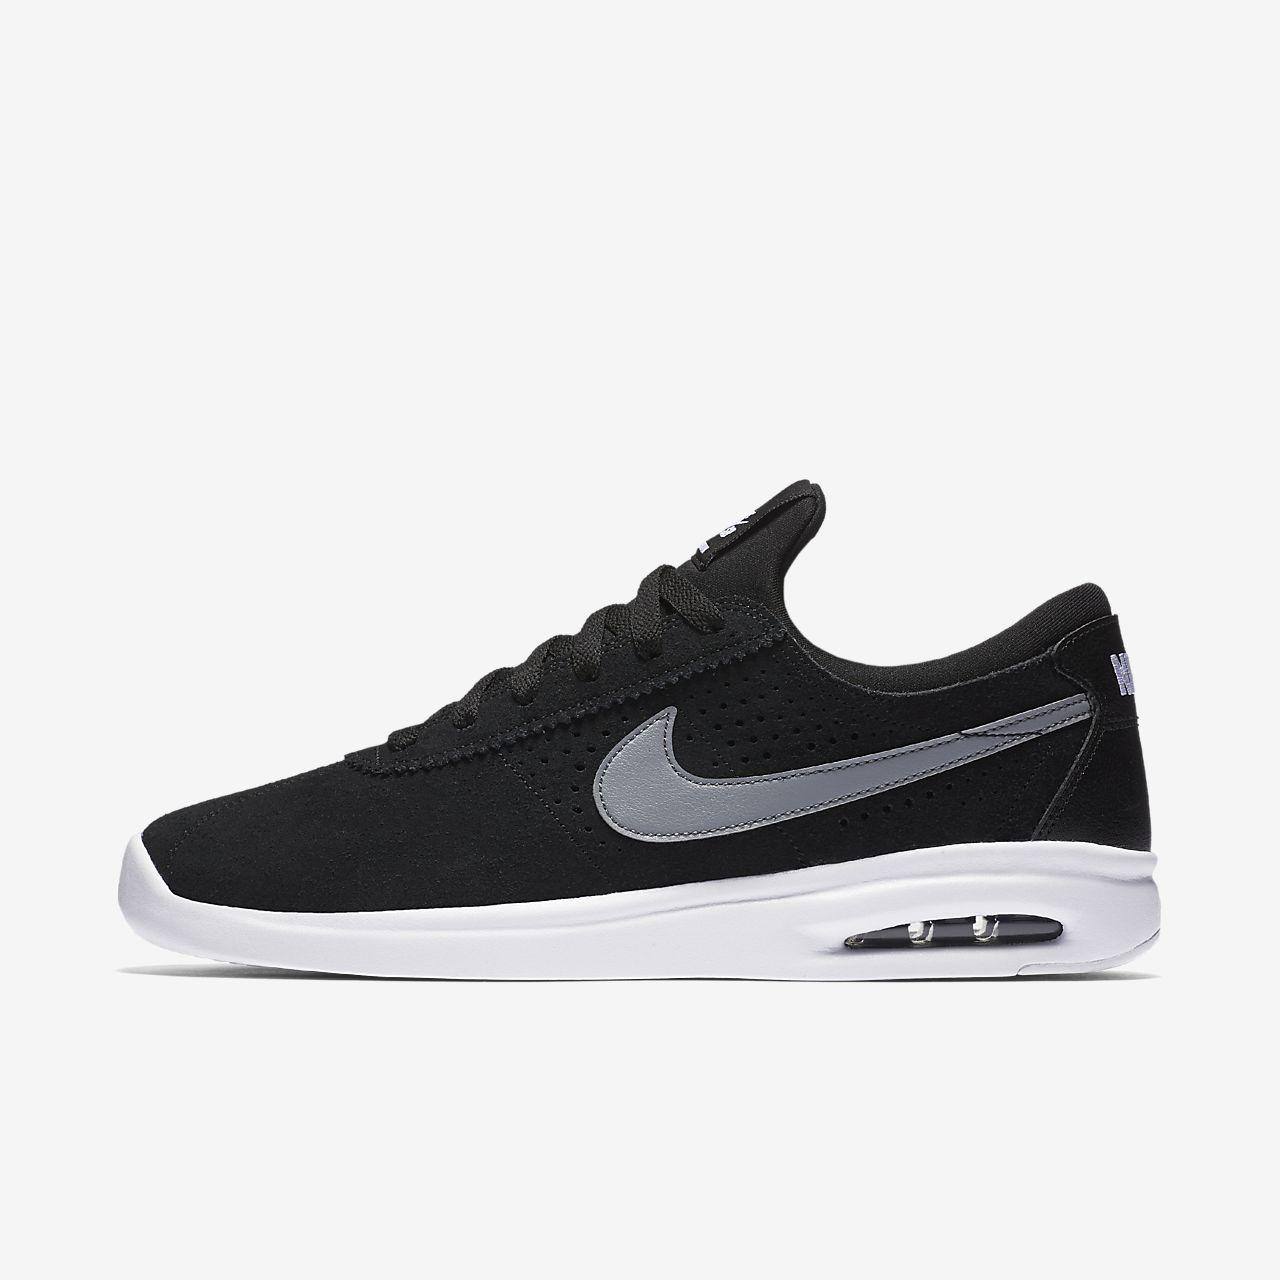 buy online e546d a3cc2 ... Skateboardsko Nike SB Air Max Bruin Vapor för män